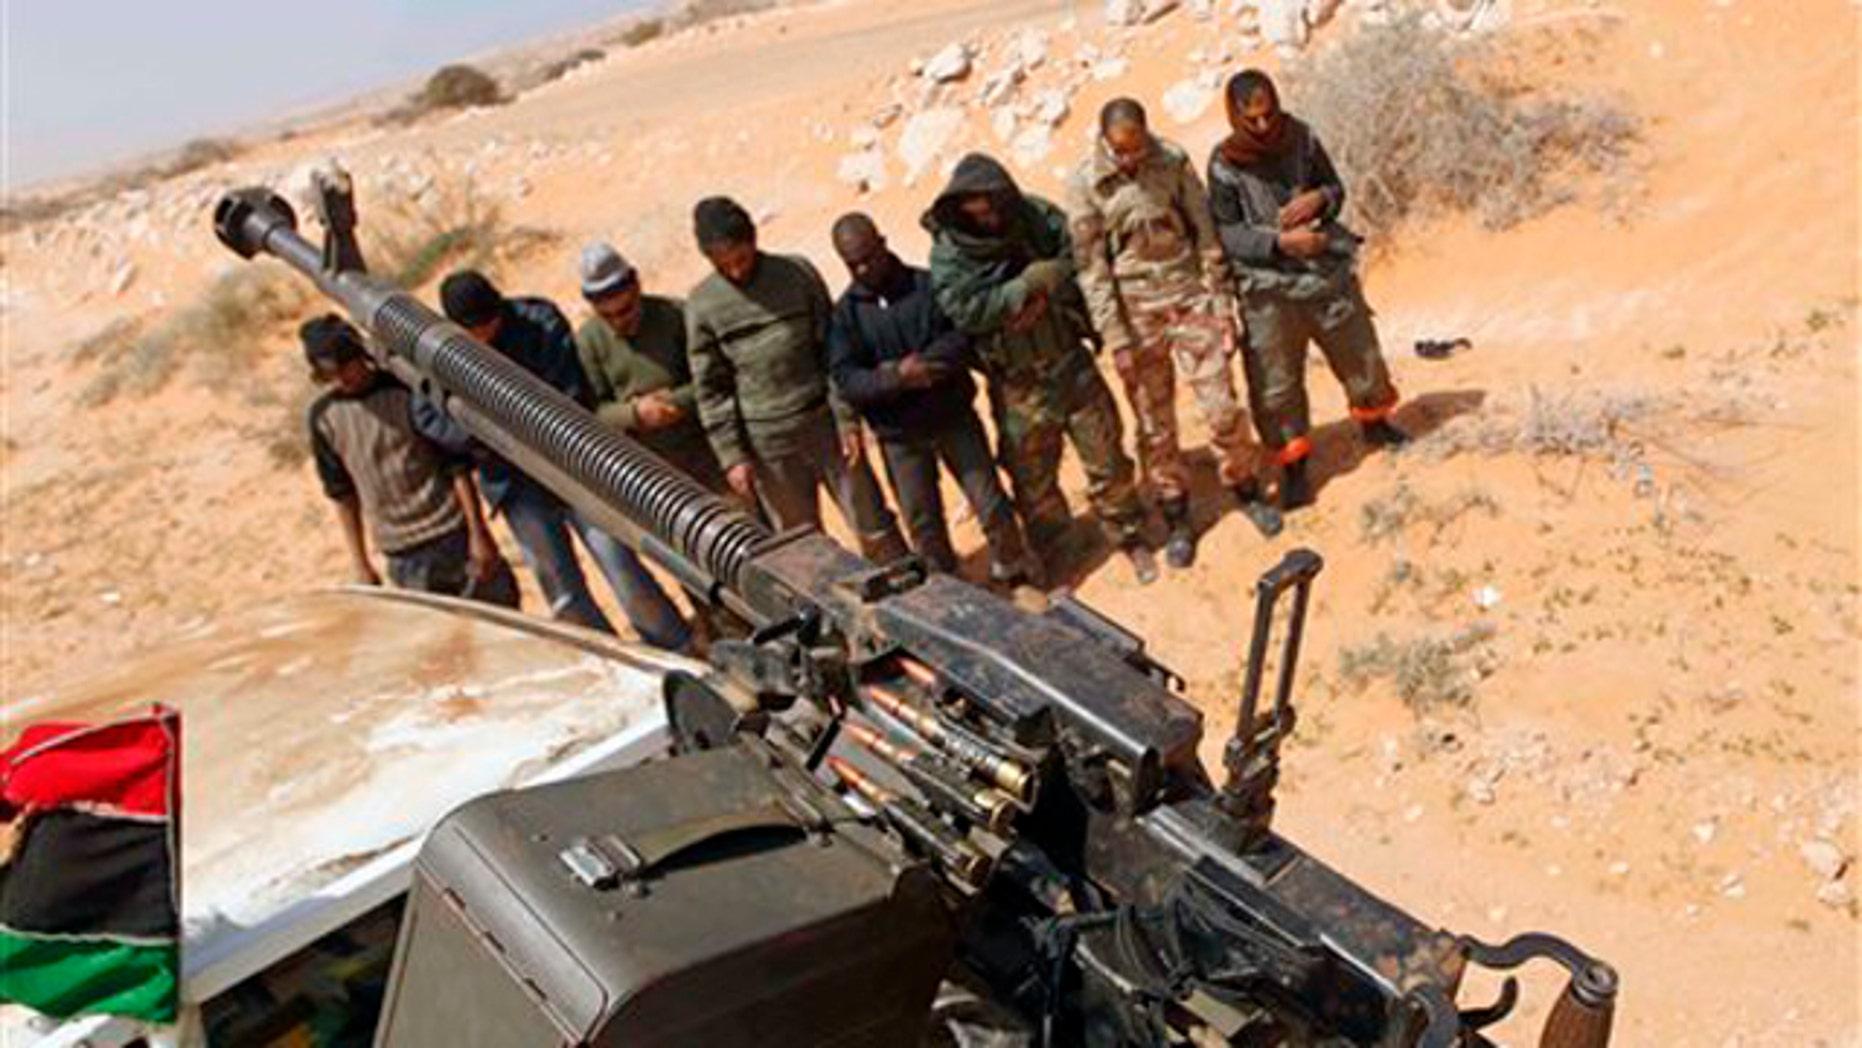 Libyan rebels pray 75 miles east of Sirte in eastern Libya March 28.